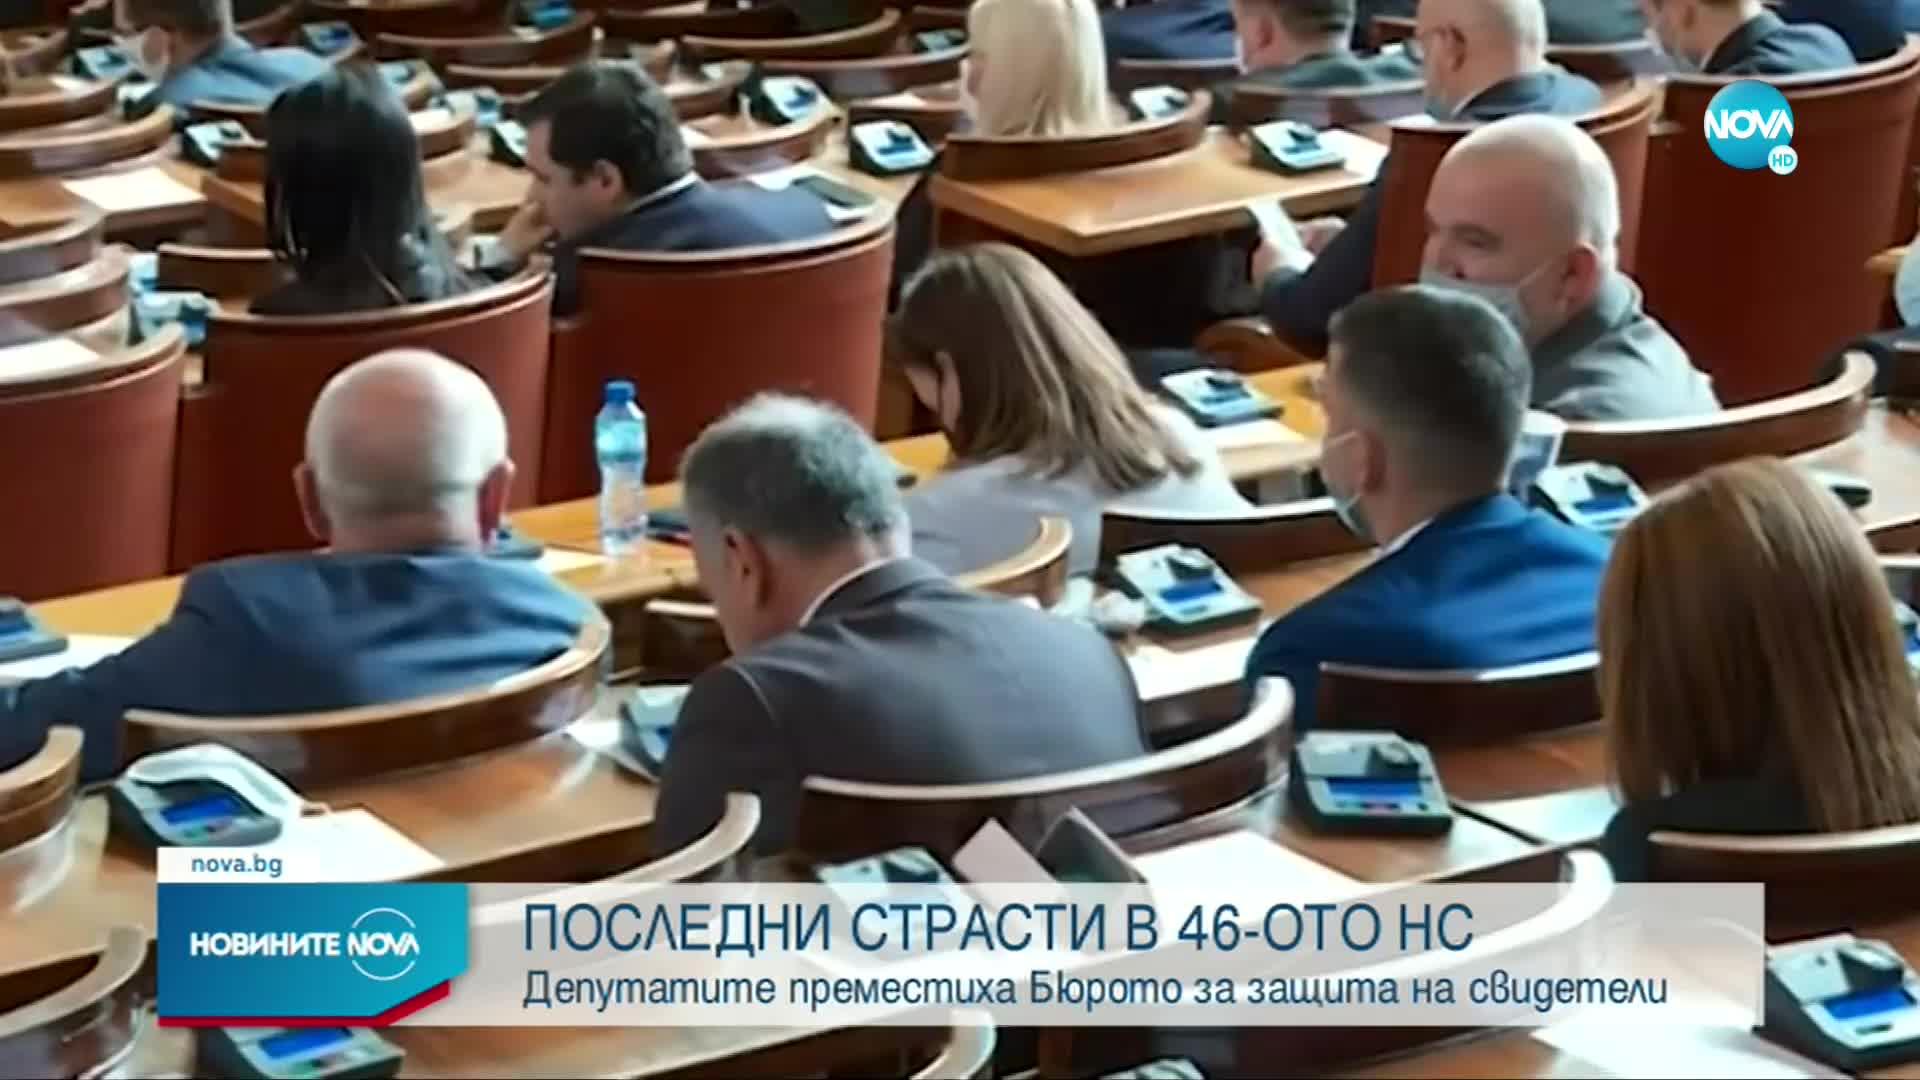 Депутатите се скараха заради преместването на Бюрото за защита